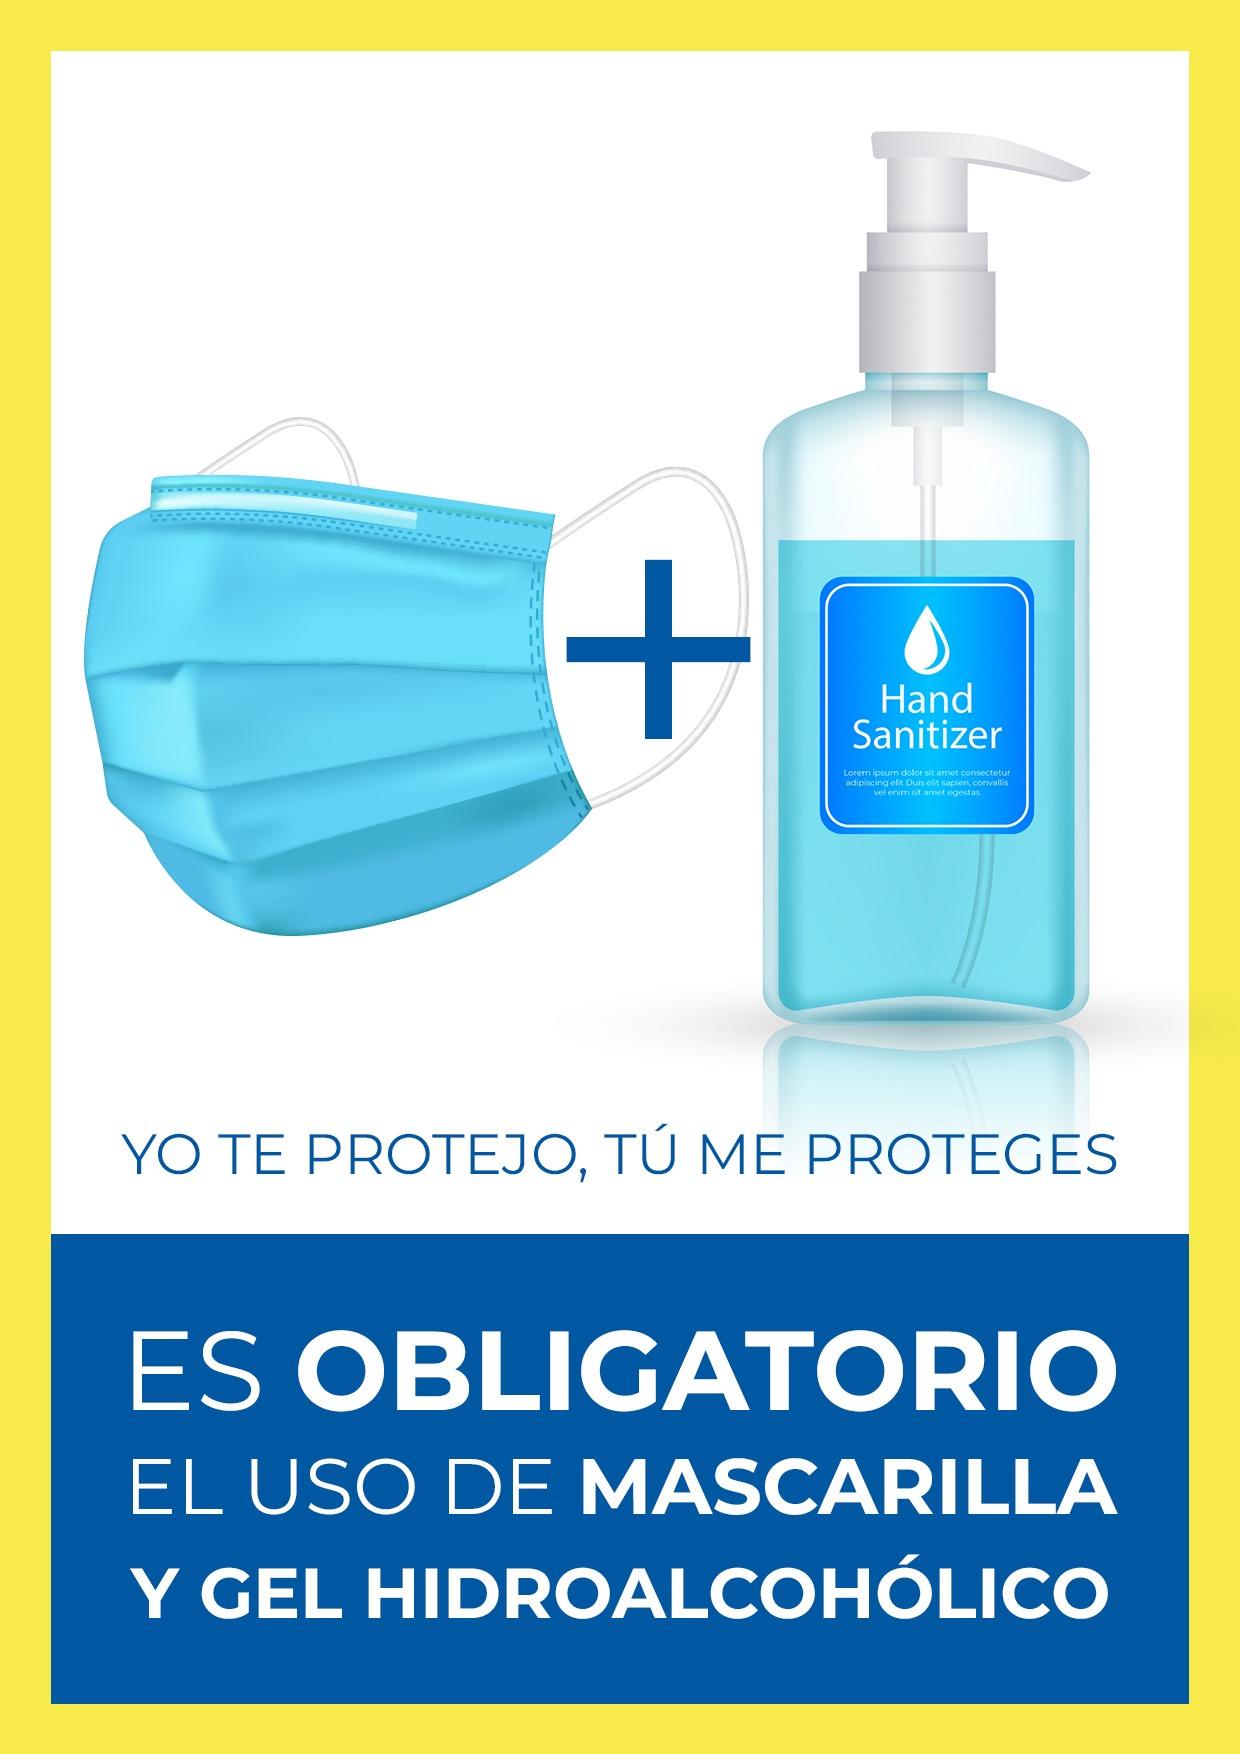 cartel uso obligatorio mascarilla y gel para imprimir 2